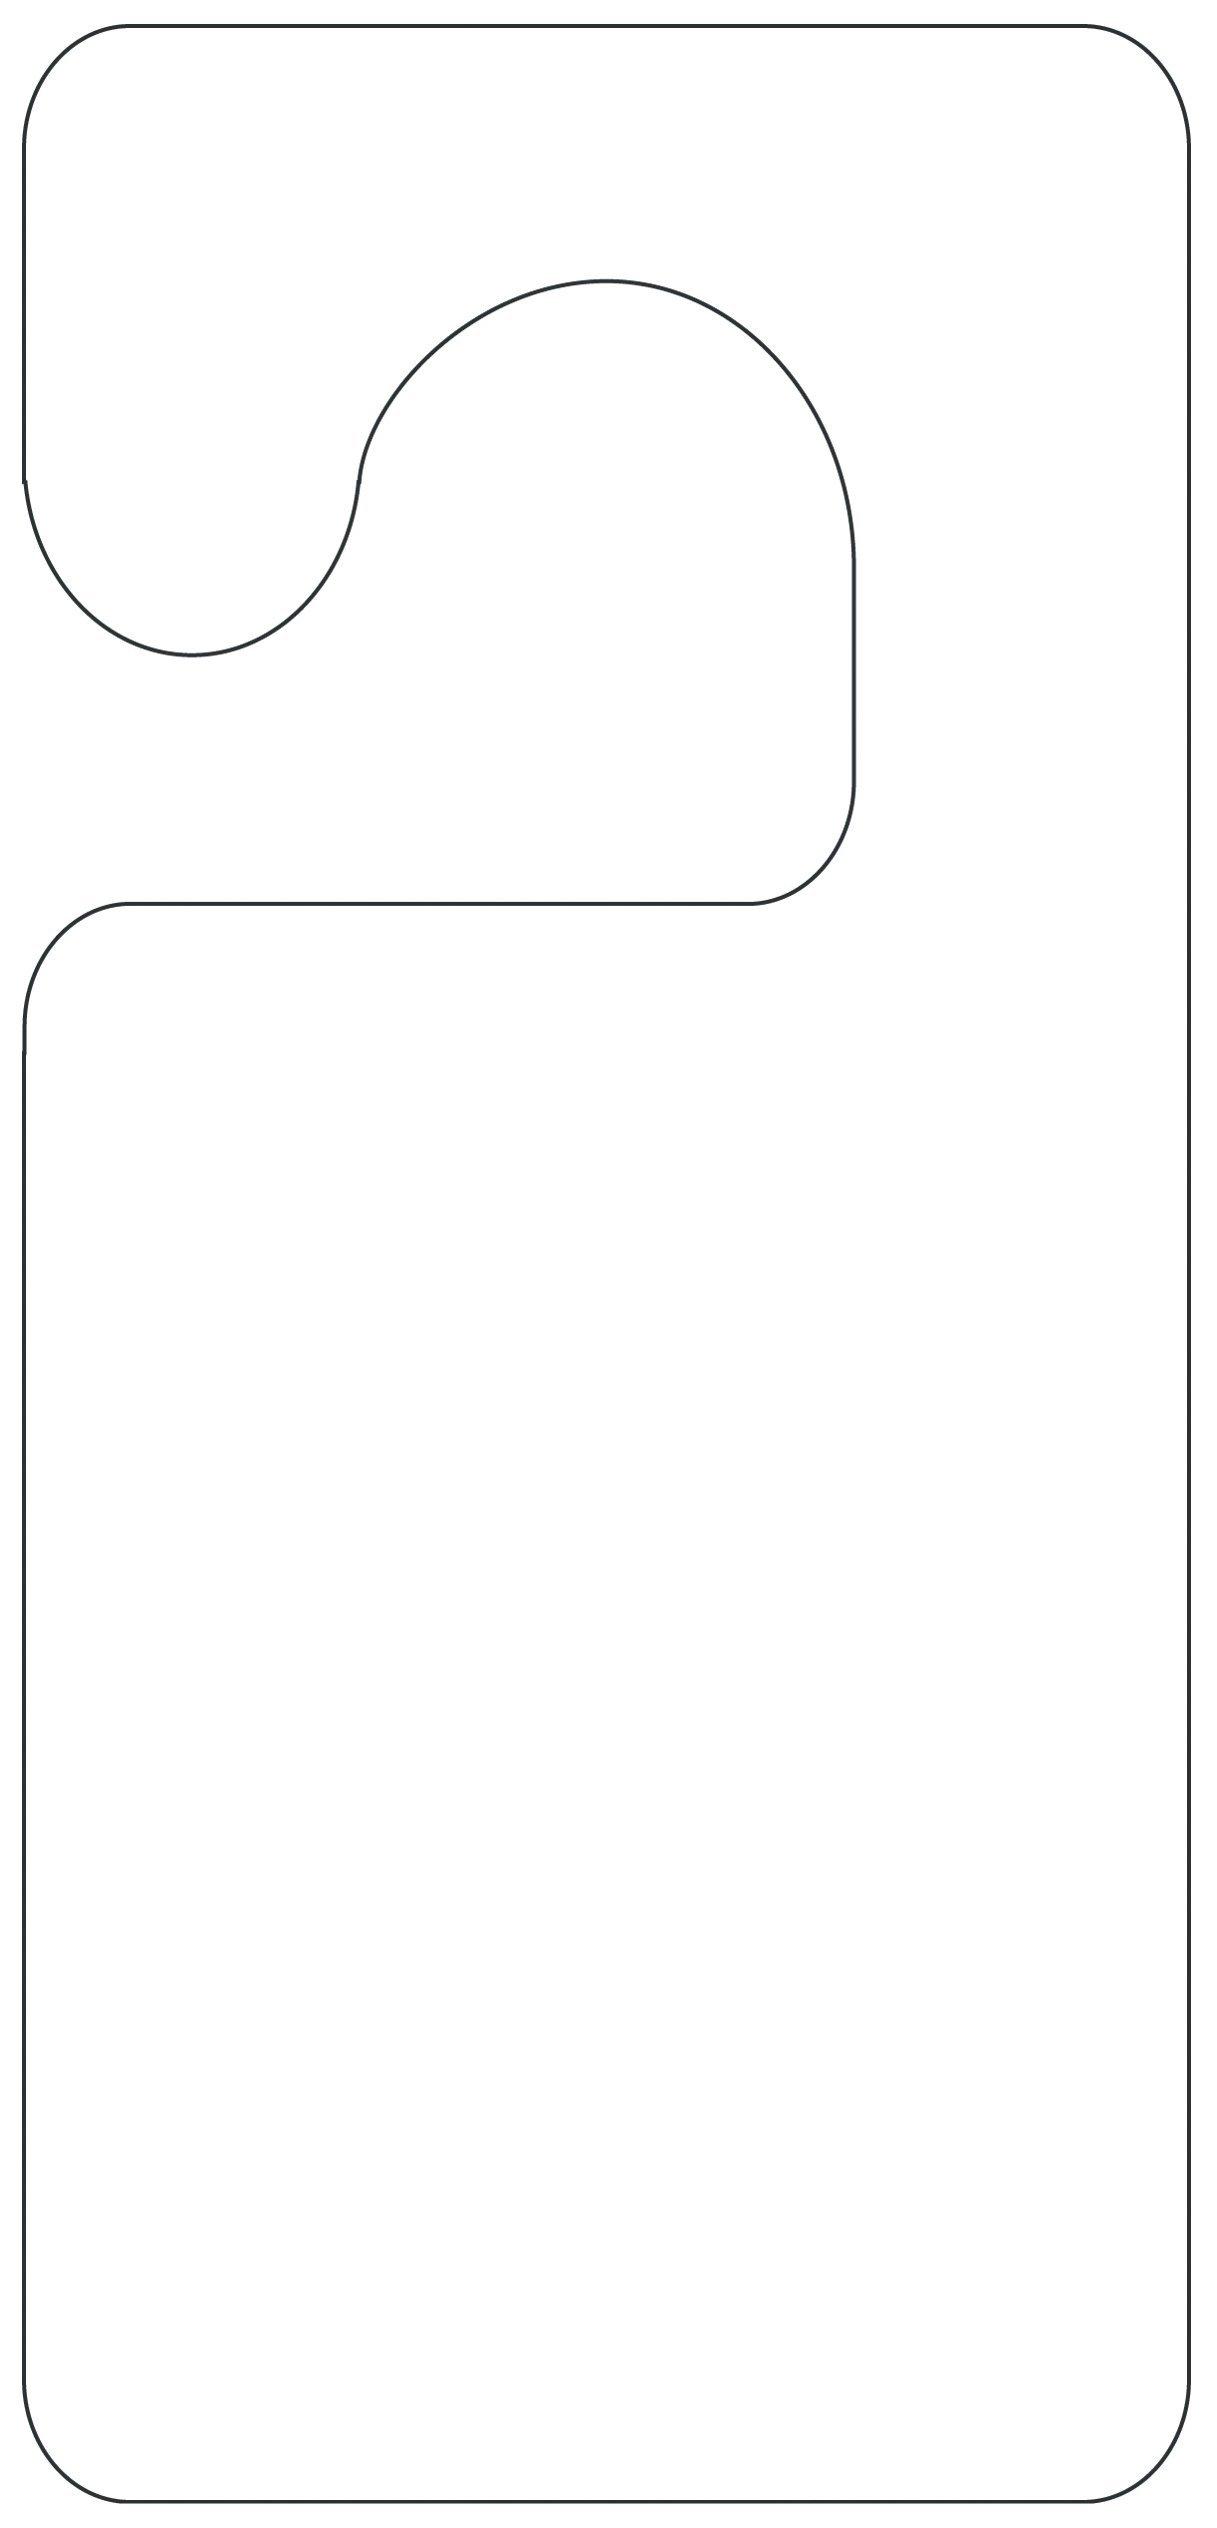 door knob hangers template photo - 17